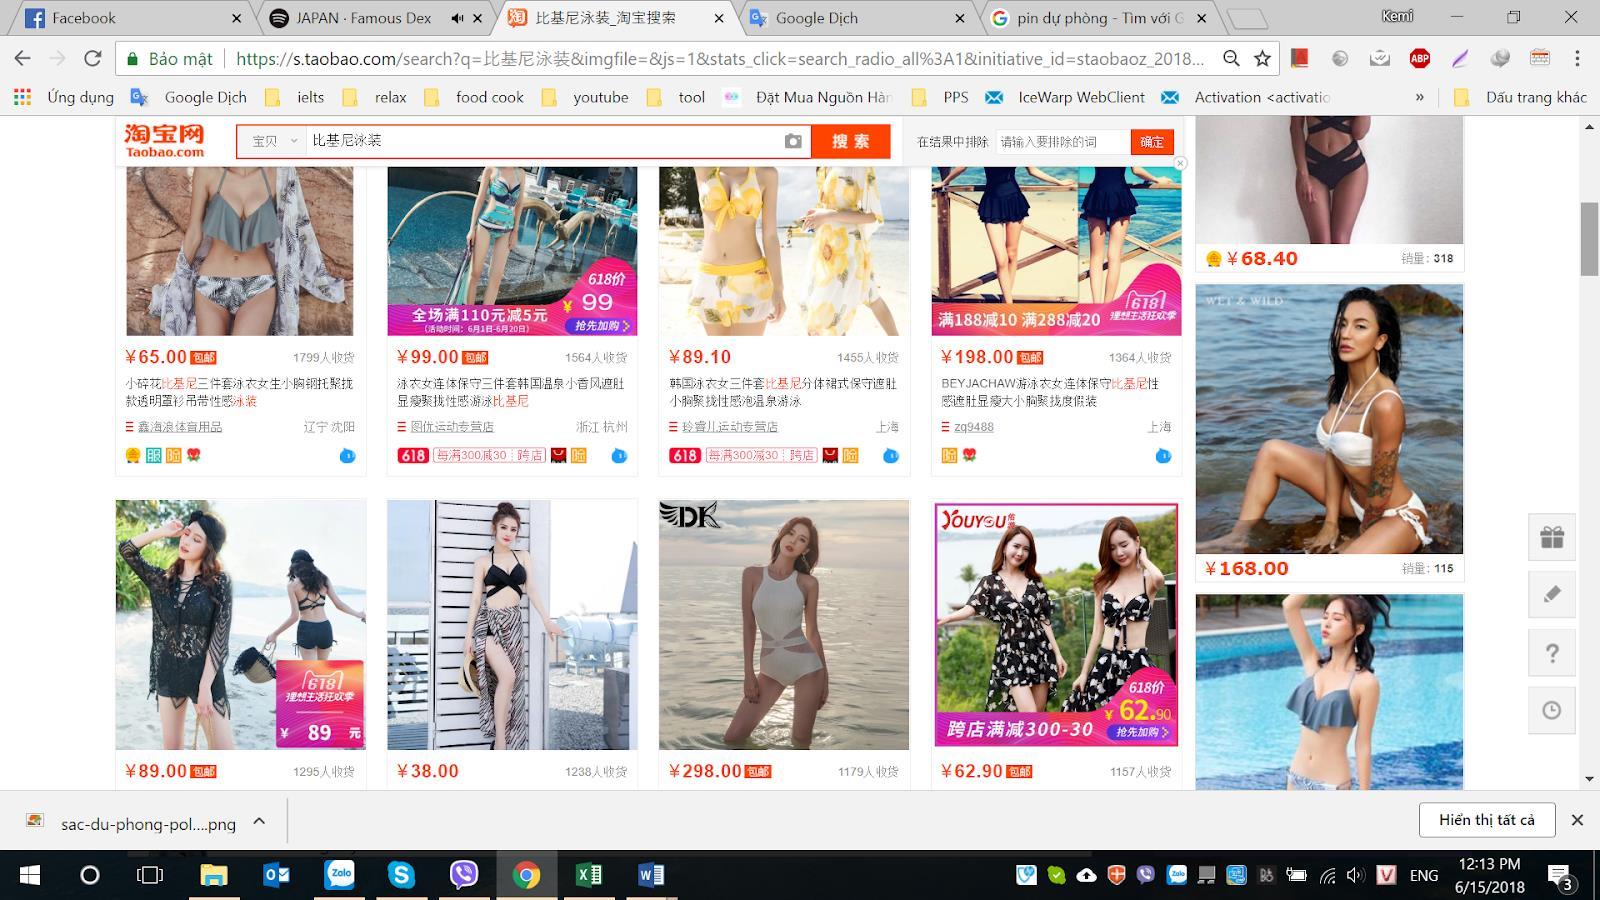 Hình ảnh nguồn hàng Bí Quyết Tìm Nguồn Hàng Bikini Áo Tắm Chất Lượng Cao giá sỉ quảng châu taobao 1688 trung quốc về TpHCM